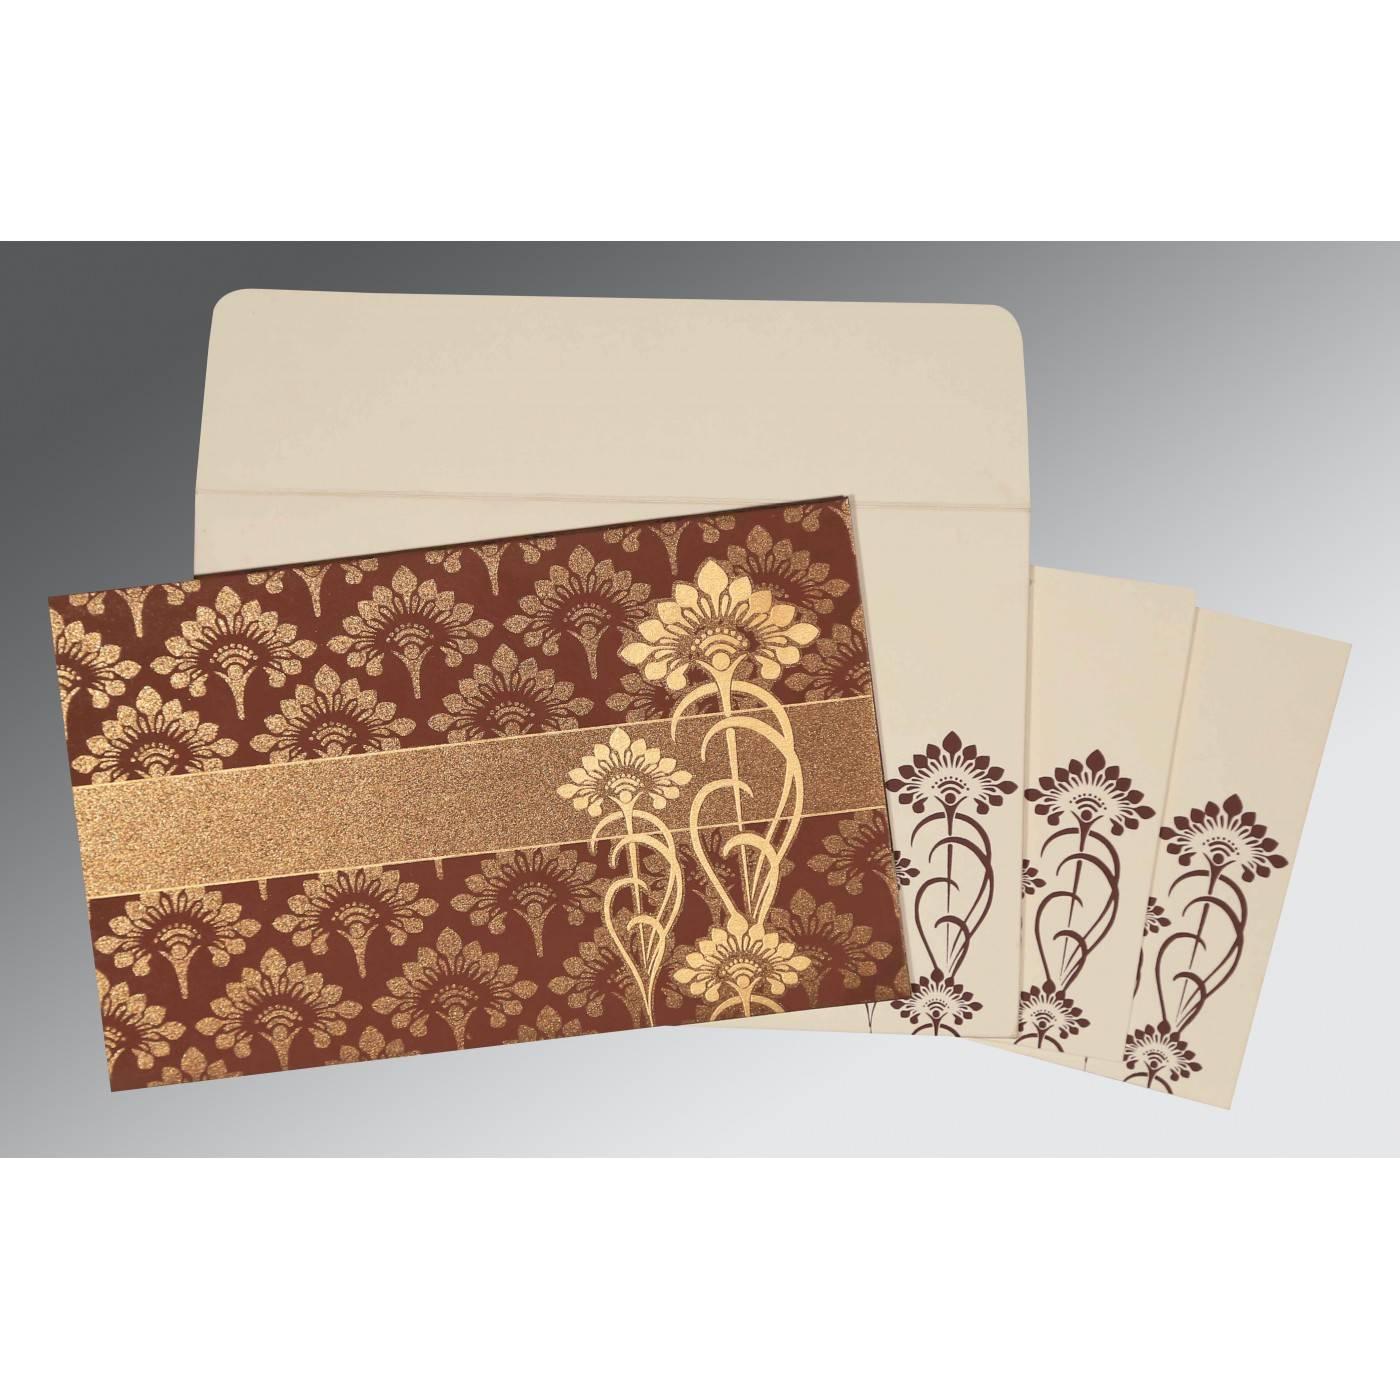 MOCHA SHIMMERY SCREEN PRINTED WEDDING CARD : CD-8239C - IndianWeddingCards